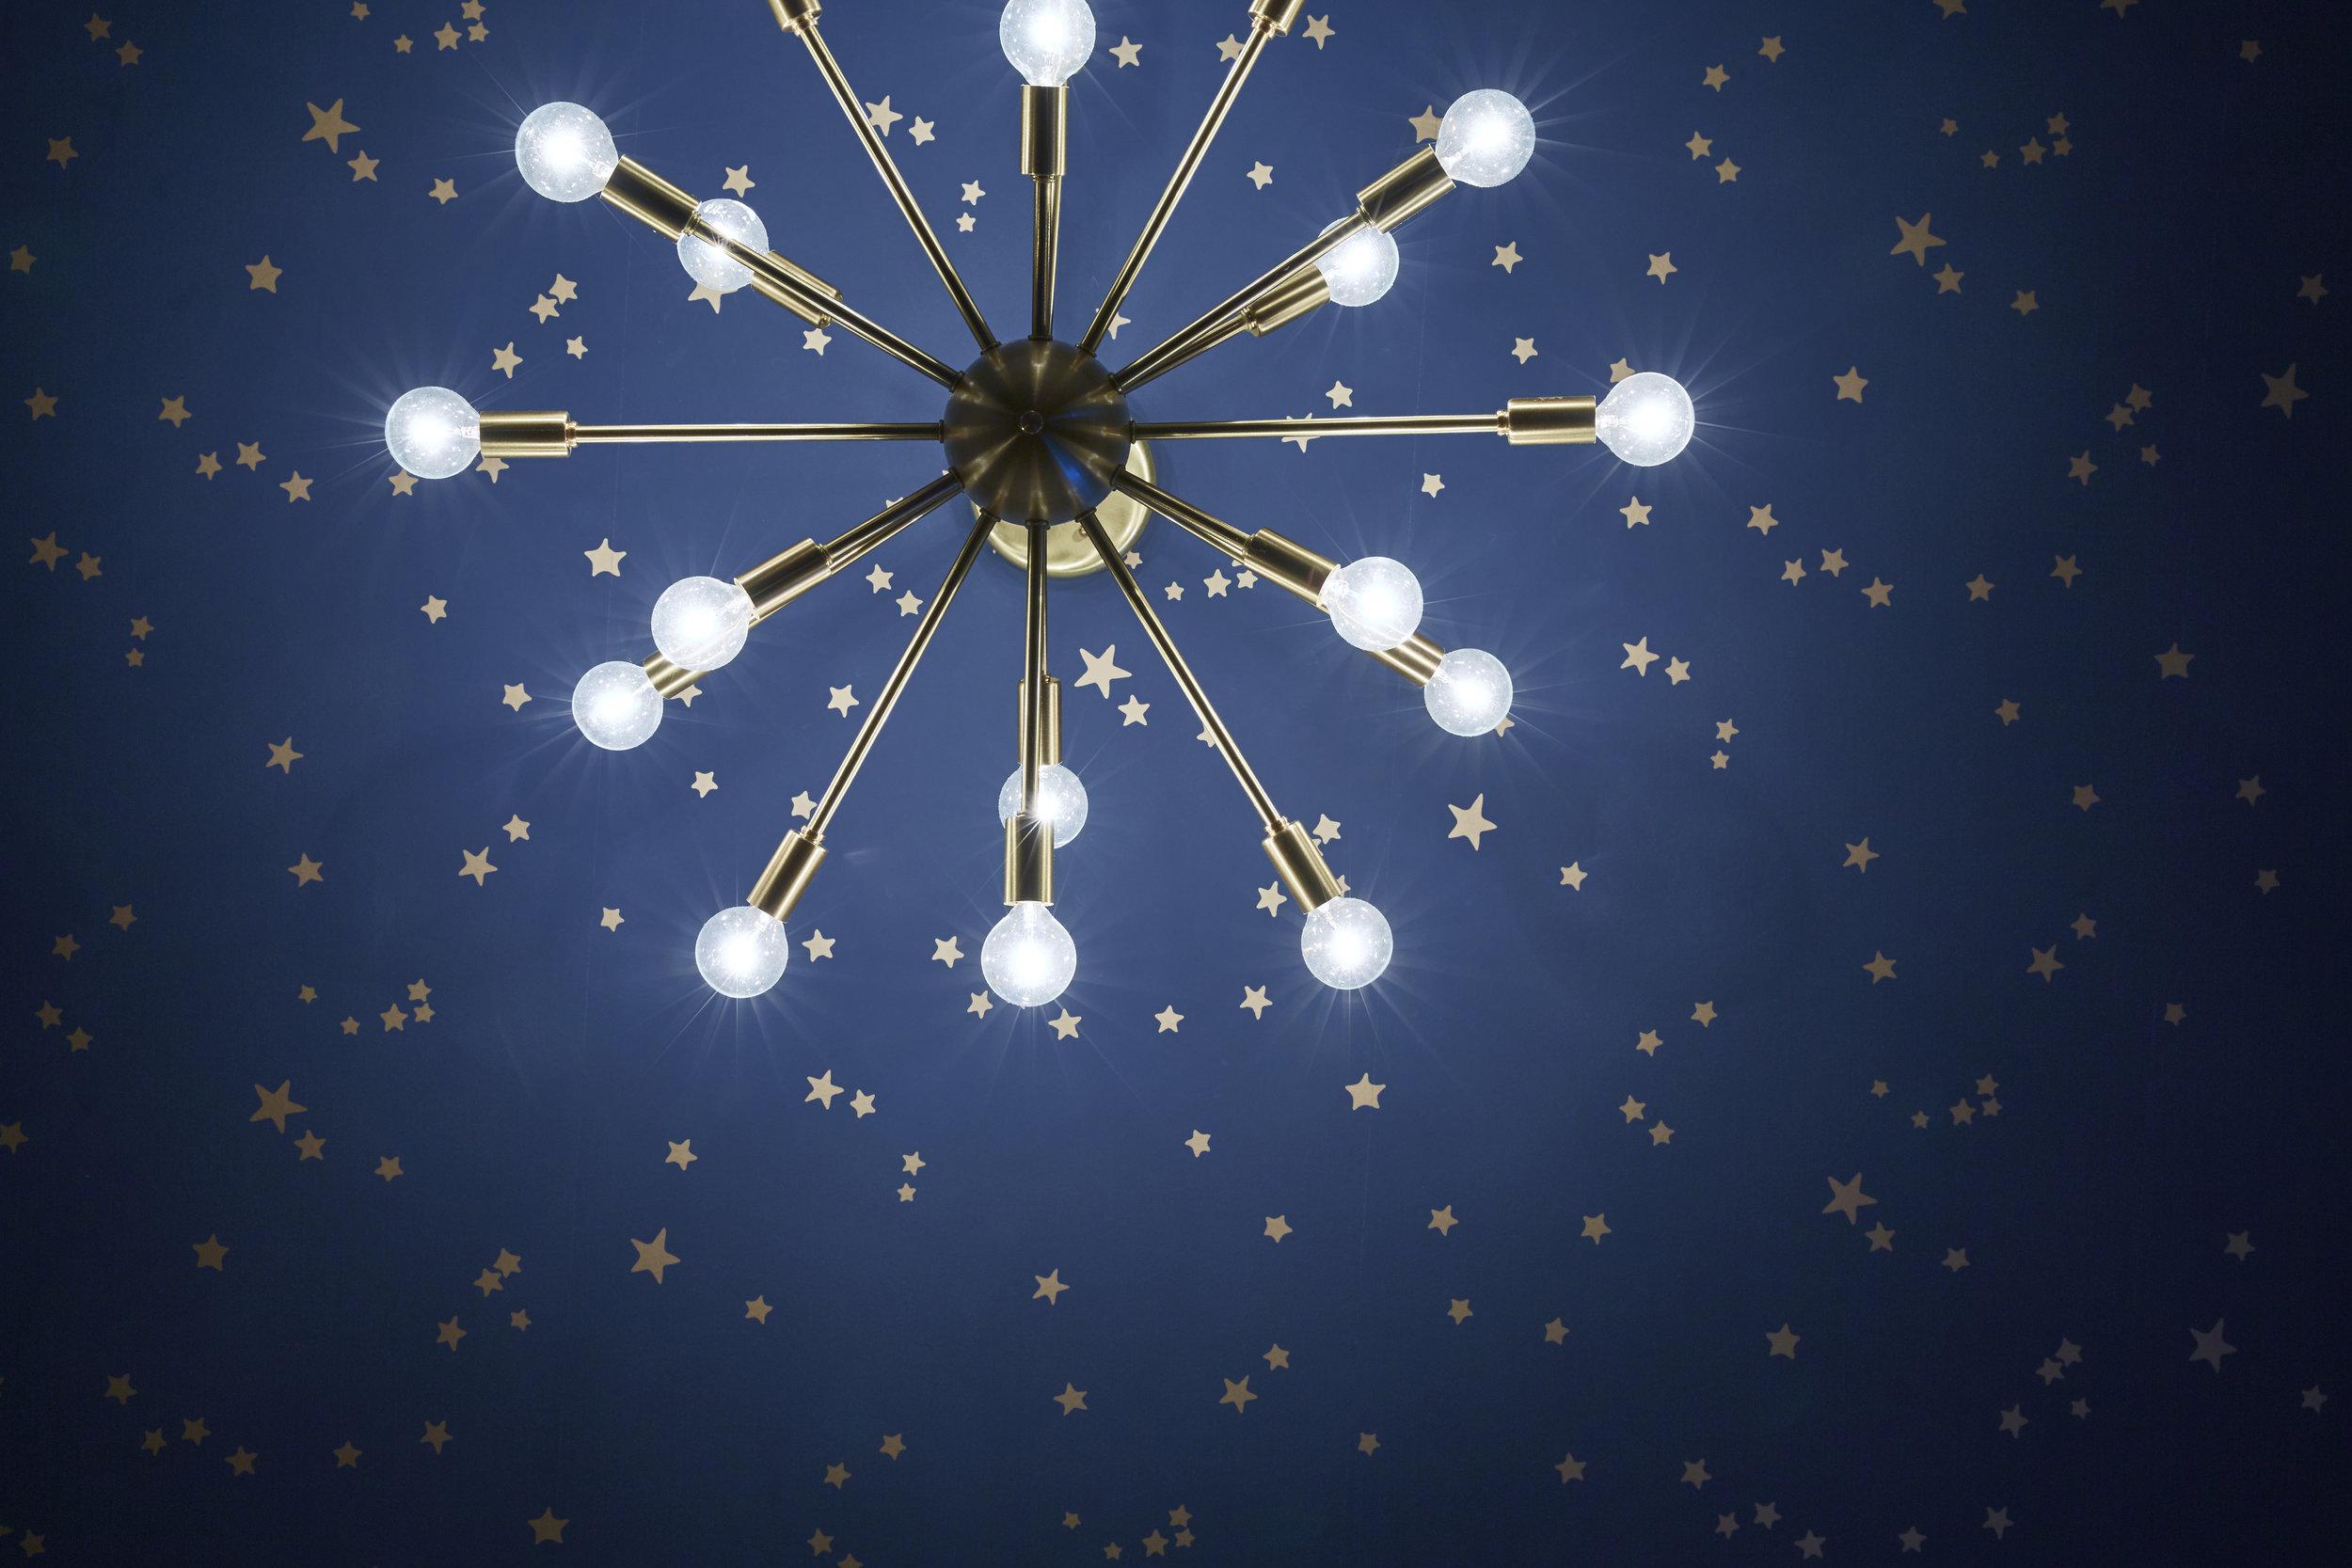 Boys-Room-Star-Ceiling-Space-Age-Light-Jmorris-Design.jpg